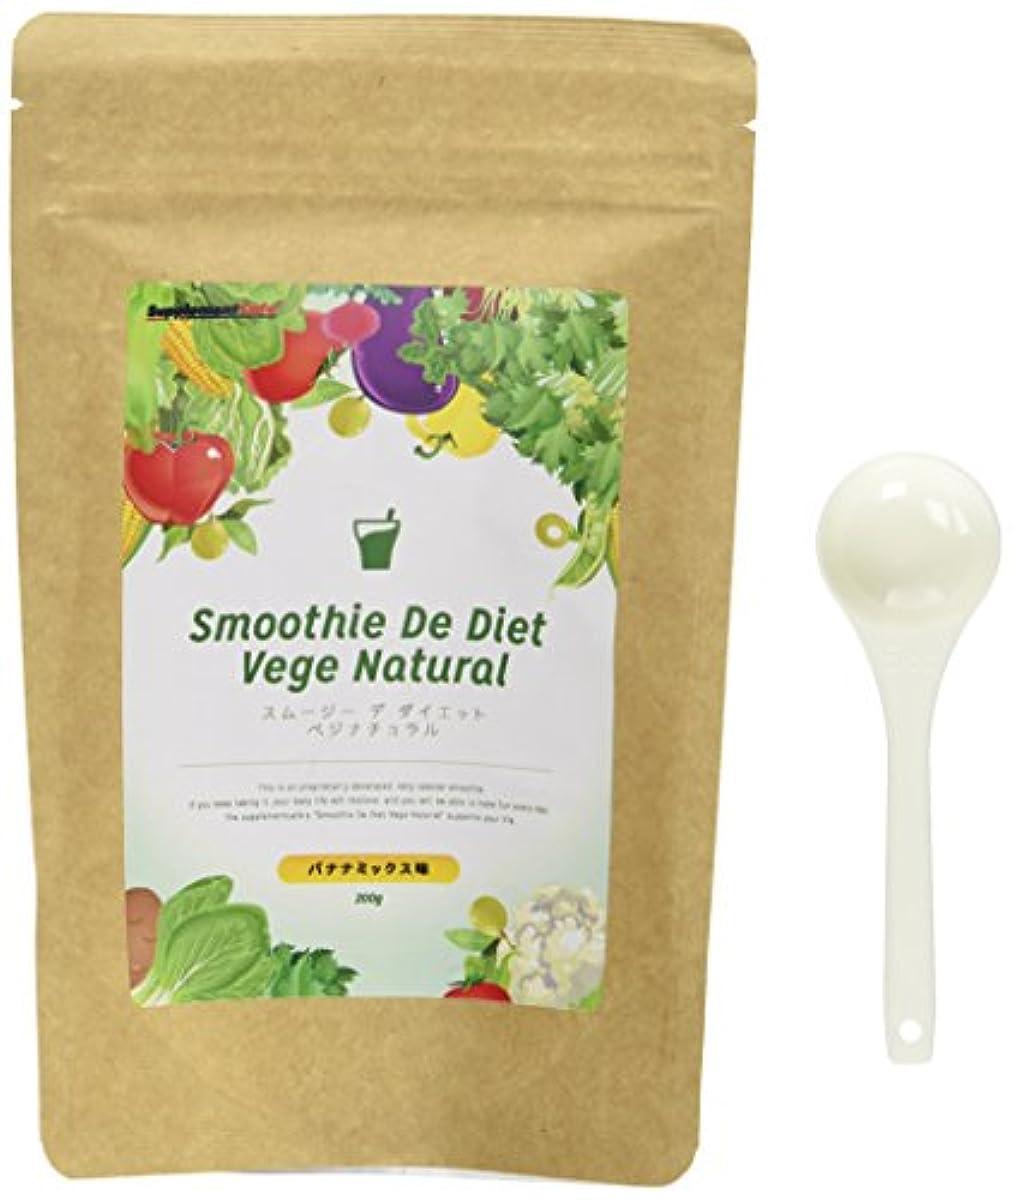 서플리먼트 카페 그린스무지  다이어트 더 내츄럴 효소352종류(바나나 믹스 맛) 약1개월분